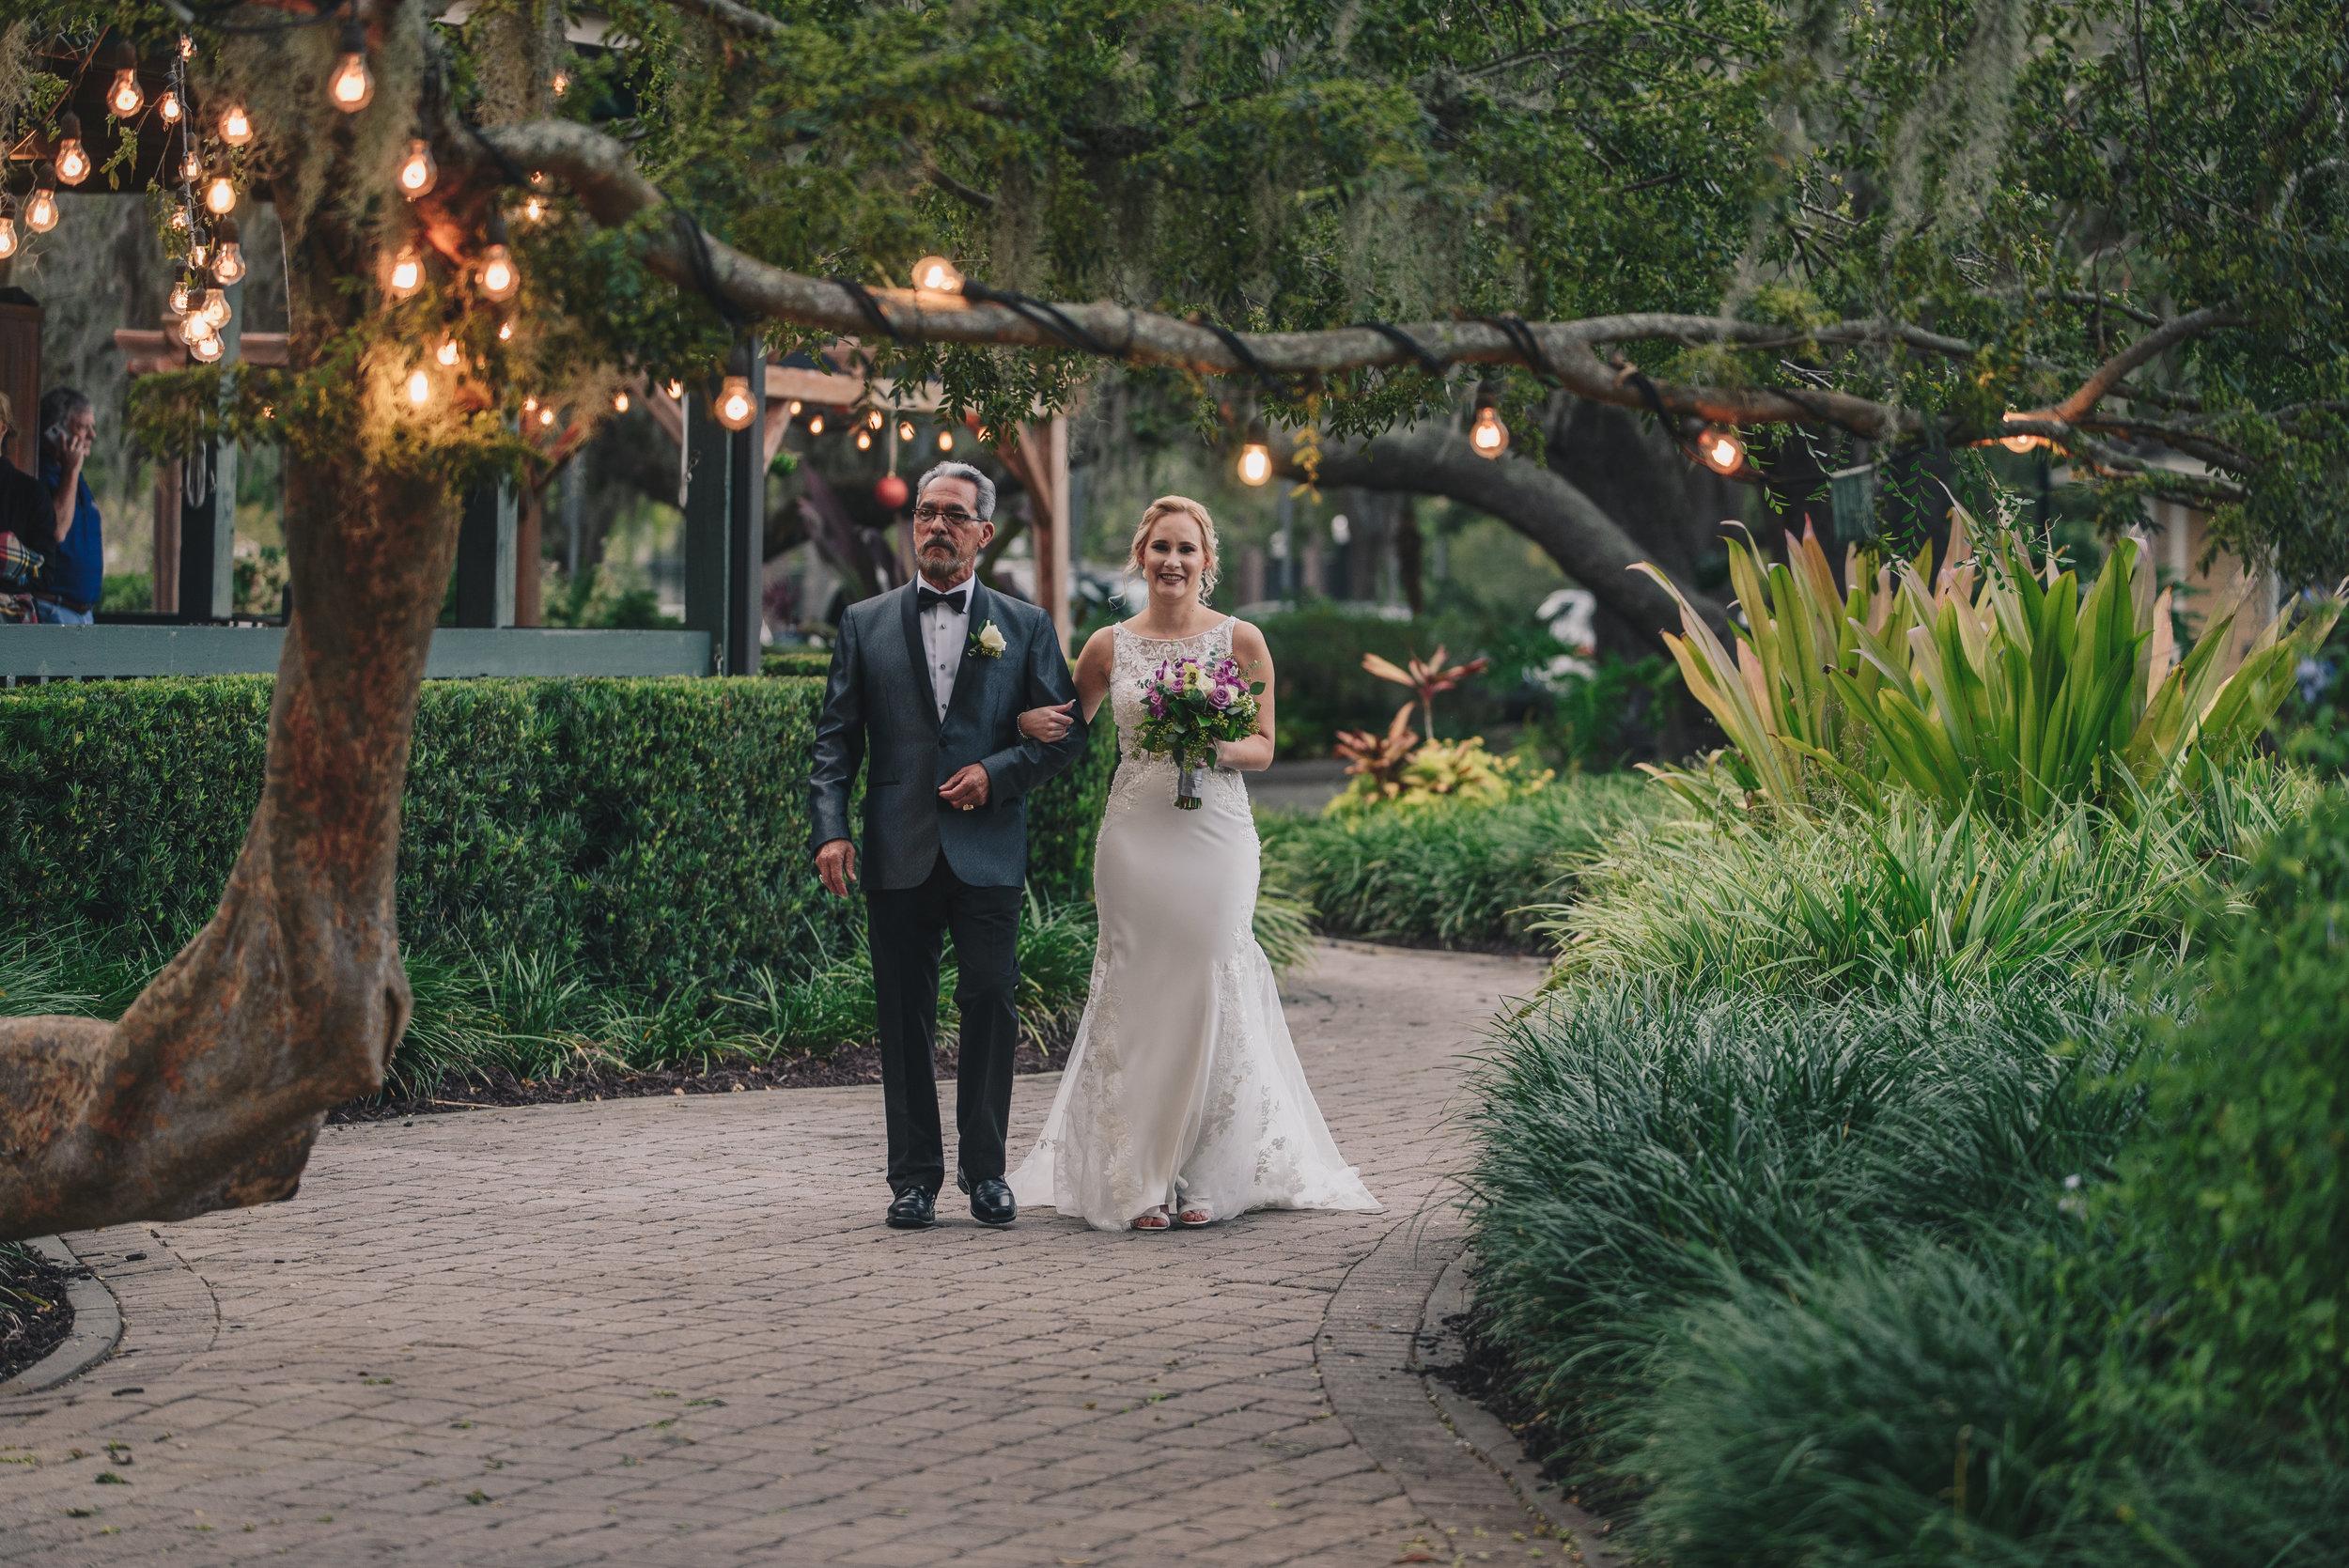 Los-Vargas-Photo-Wedding-Historic-Dubsdread-Ballroom-8141.jpg